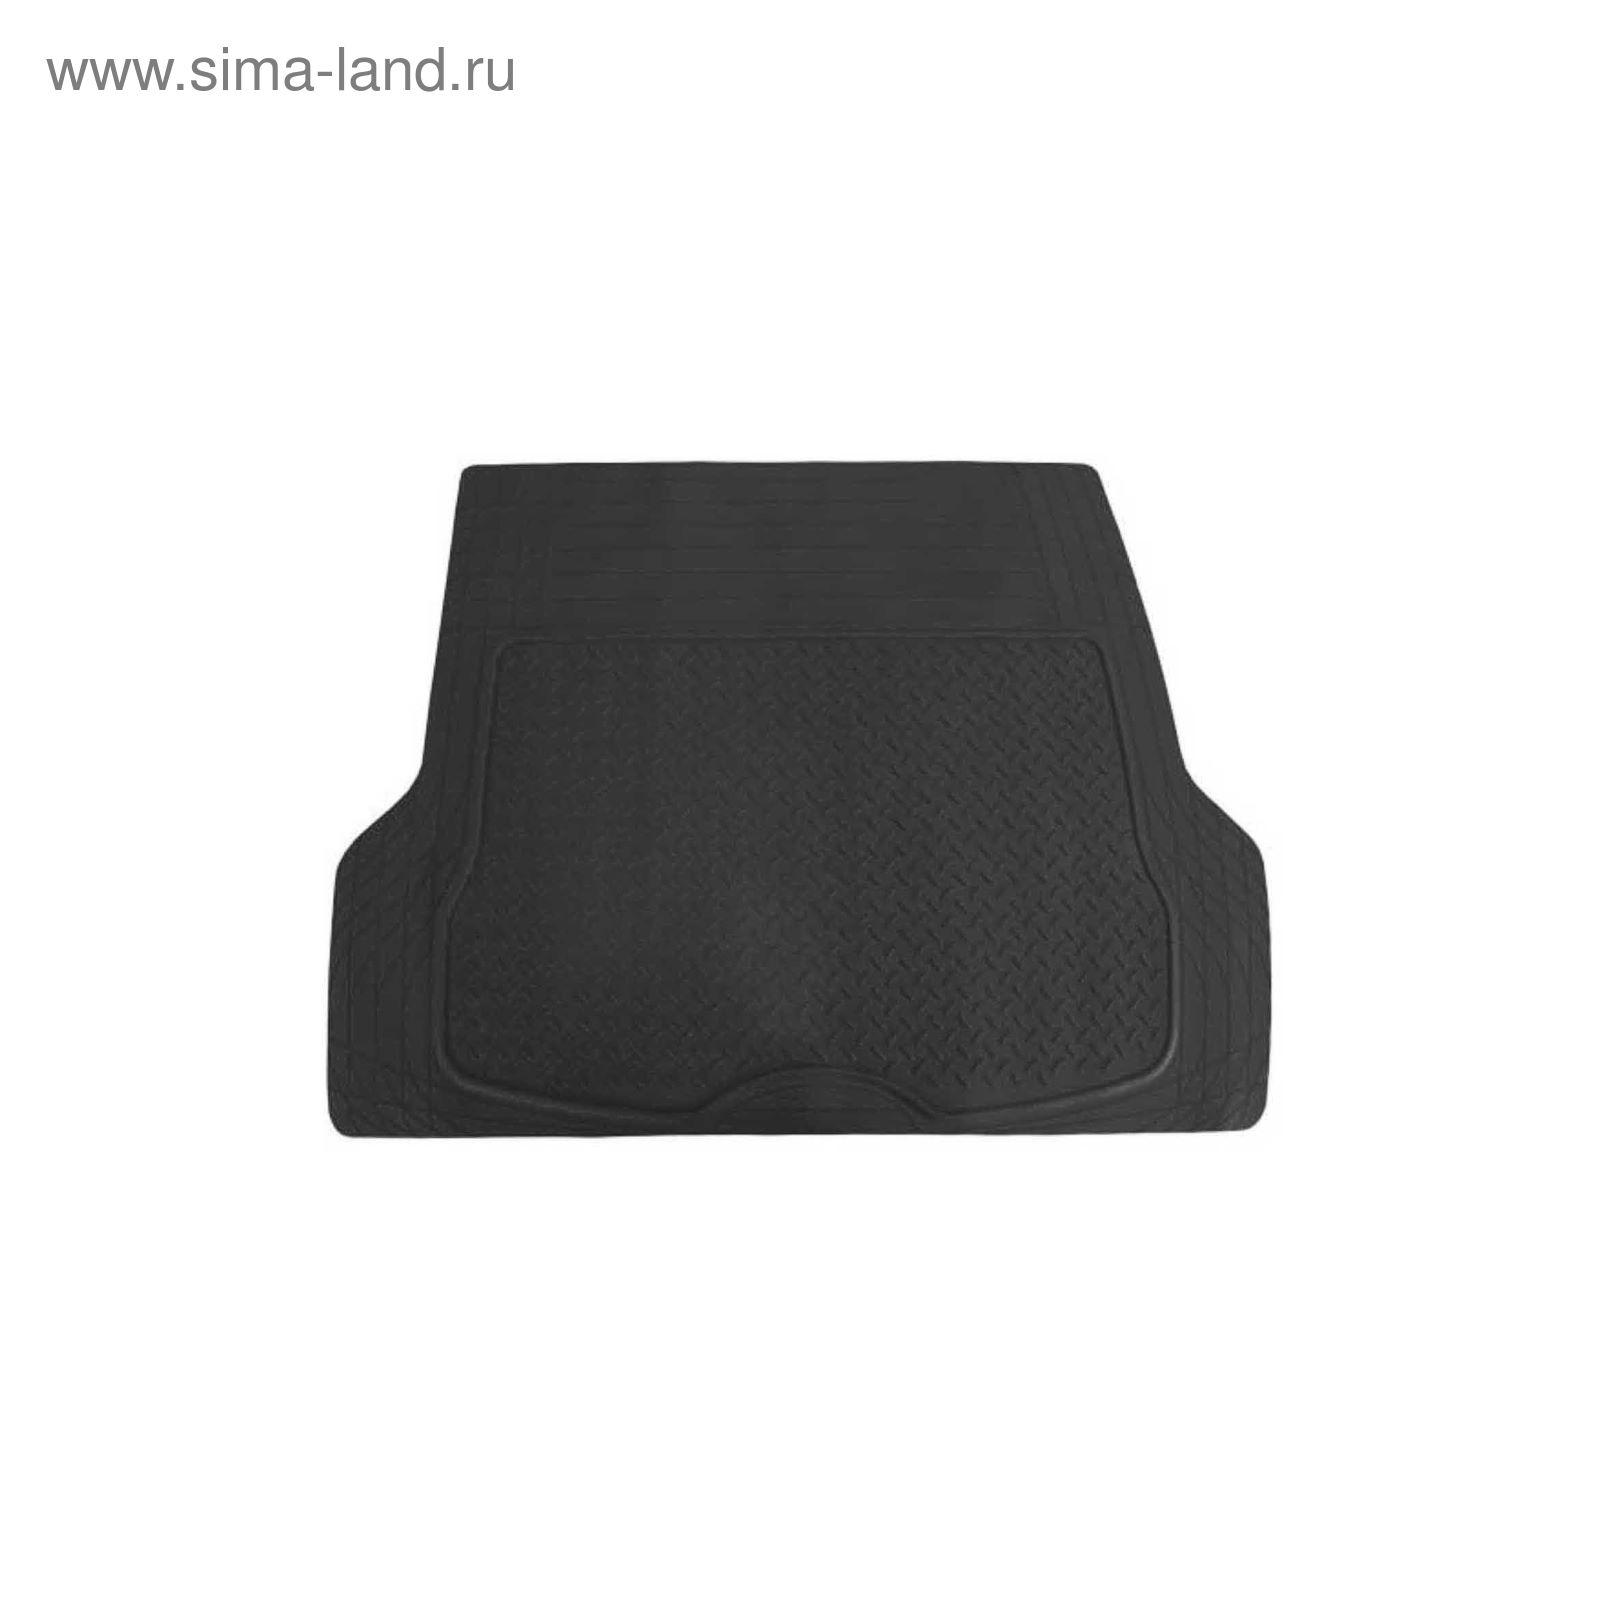 e2aba6db4058 Коврик багажника SKYWAY, полиуретановый, черный, 109,5 х 144 см ...